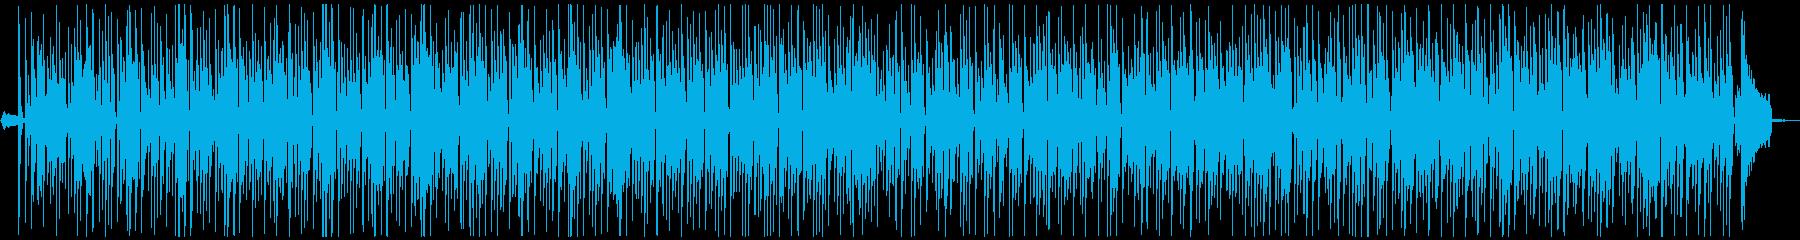 犬のハッピーで明るいポップなBGMの再生済みの波形